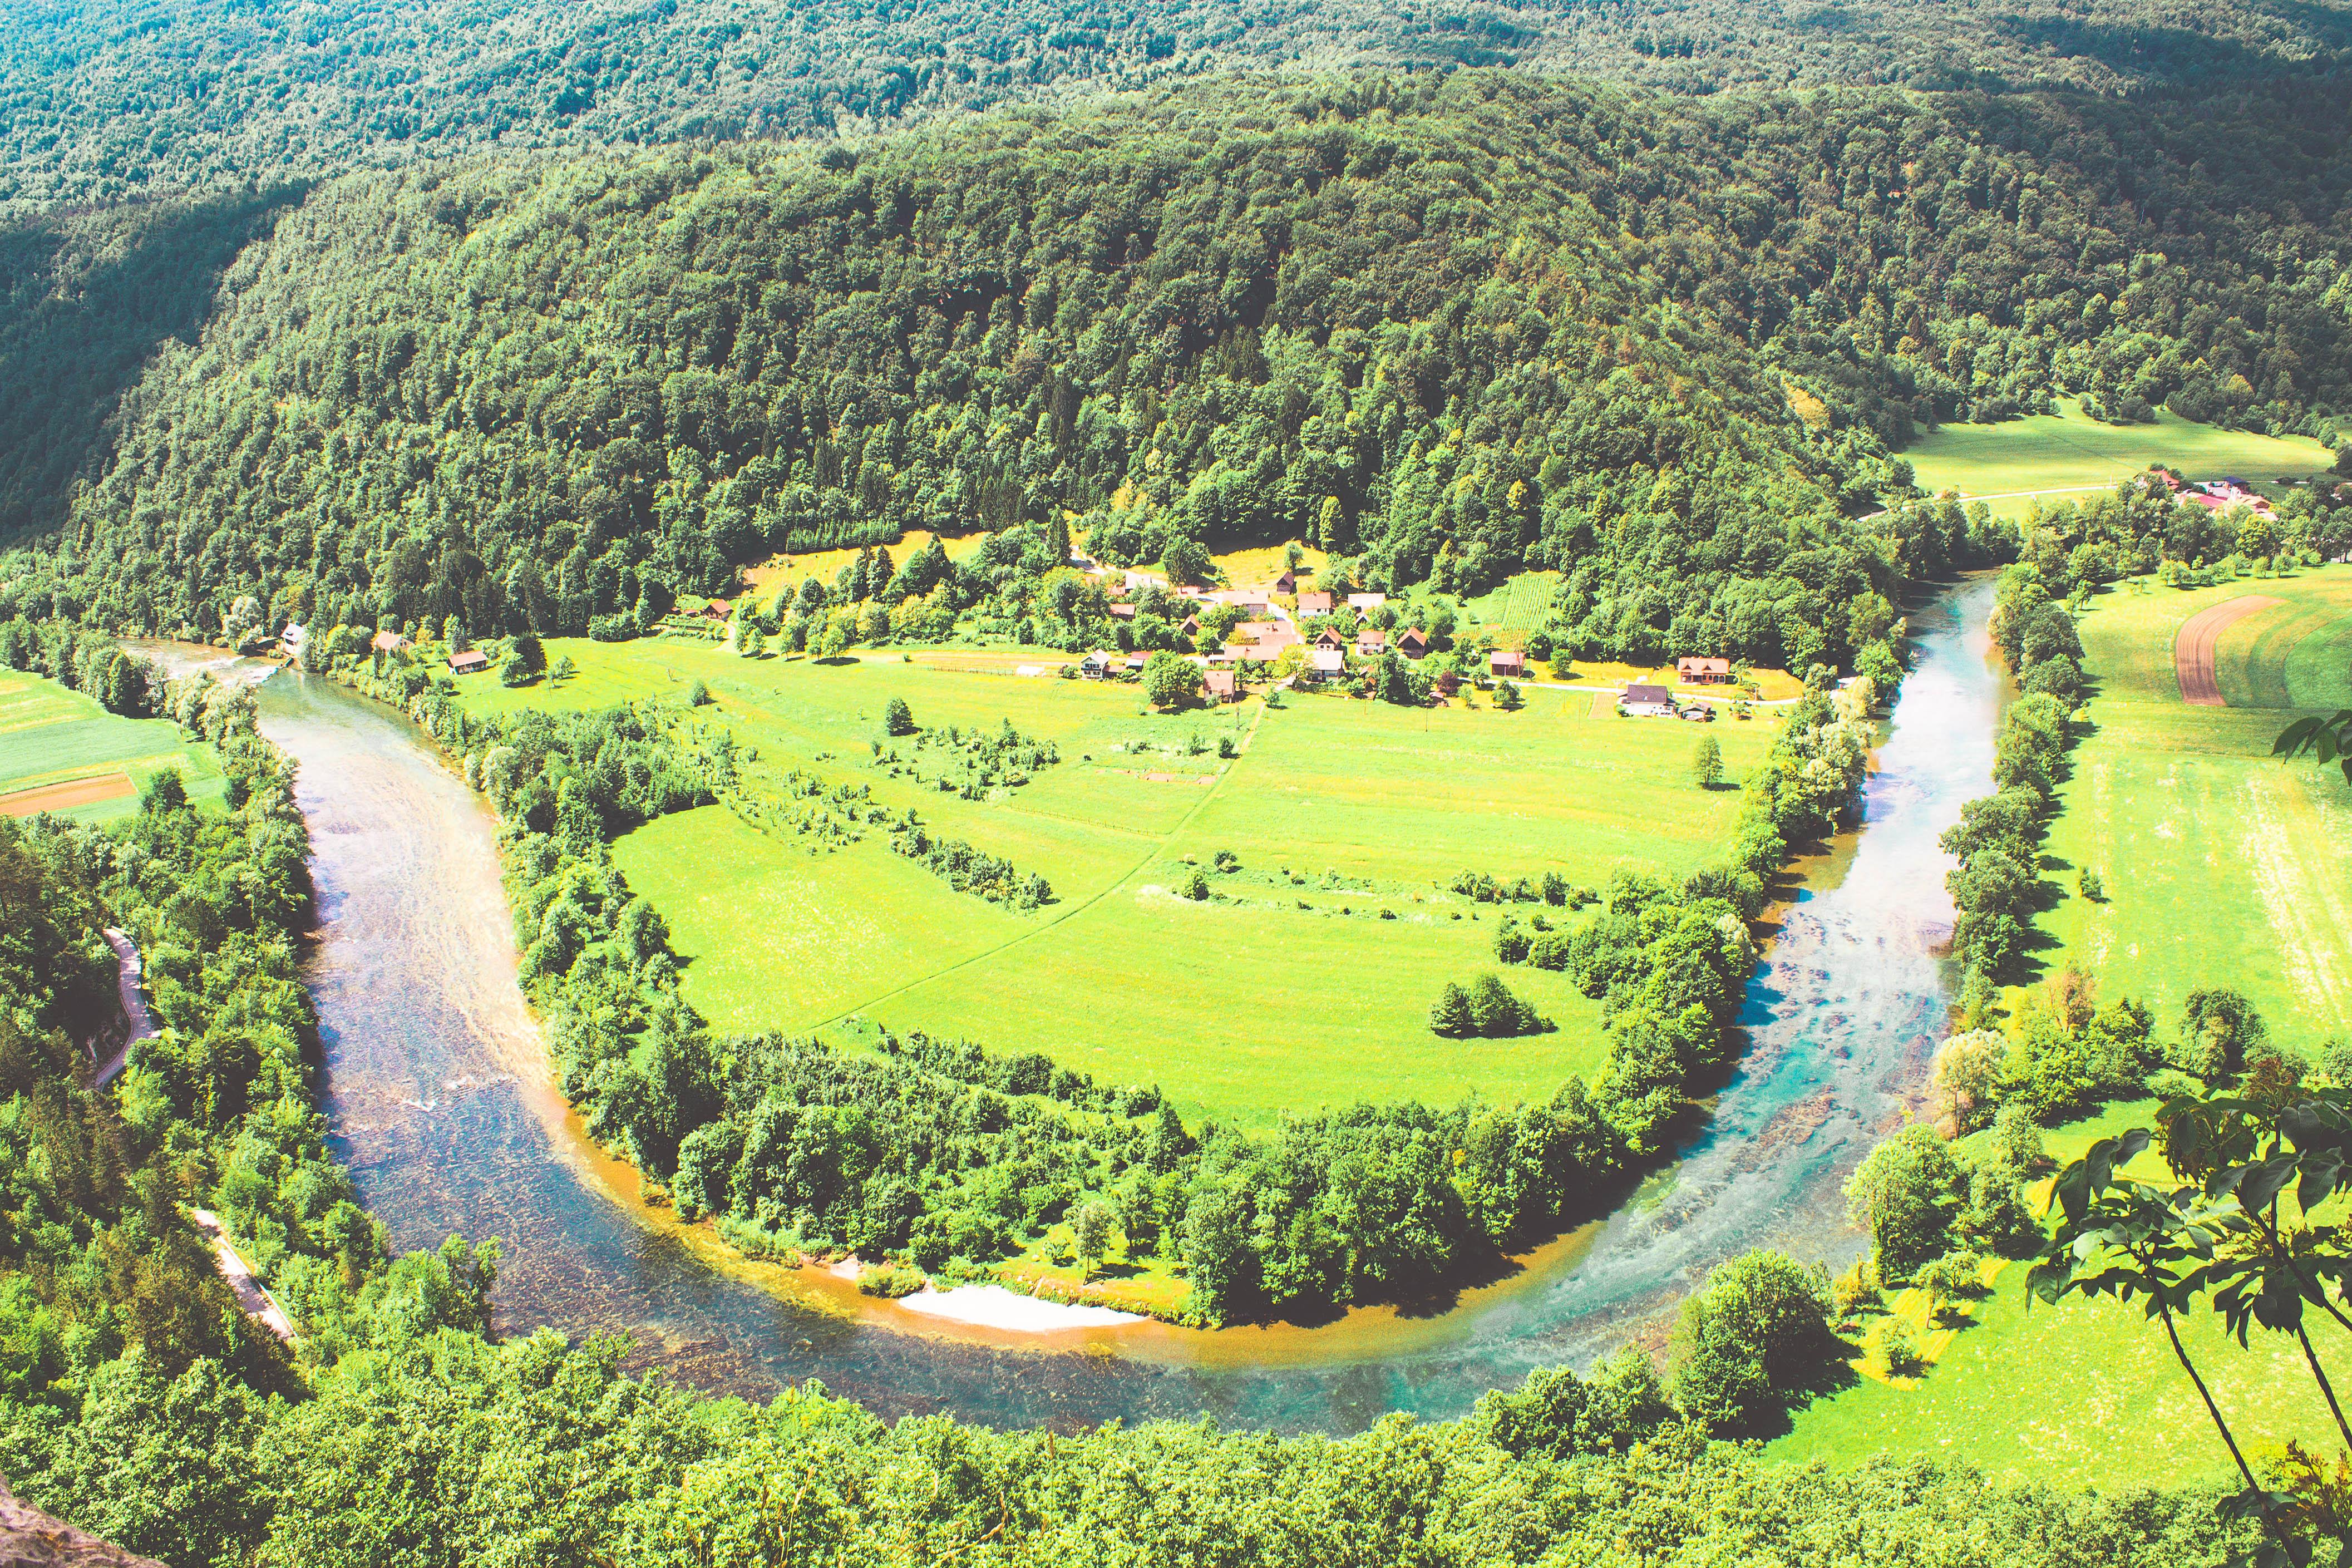 Slovenia's hidden gems